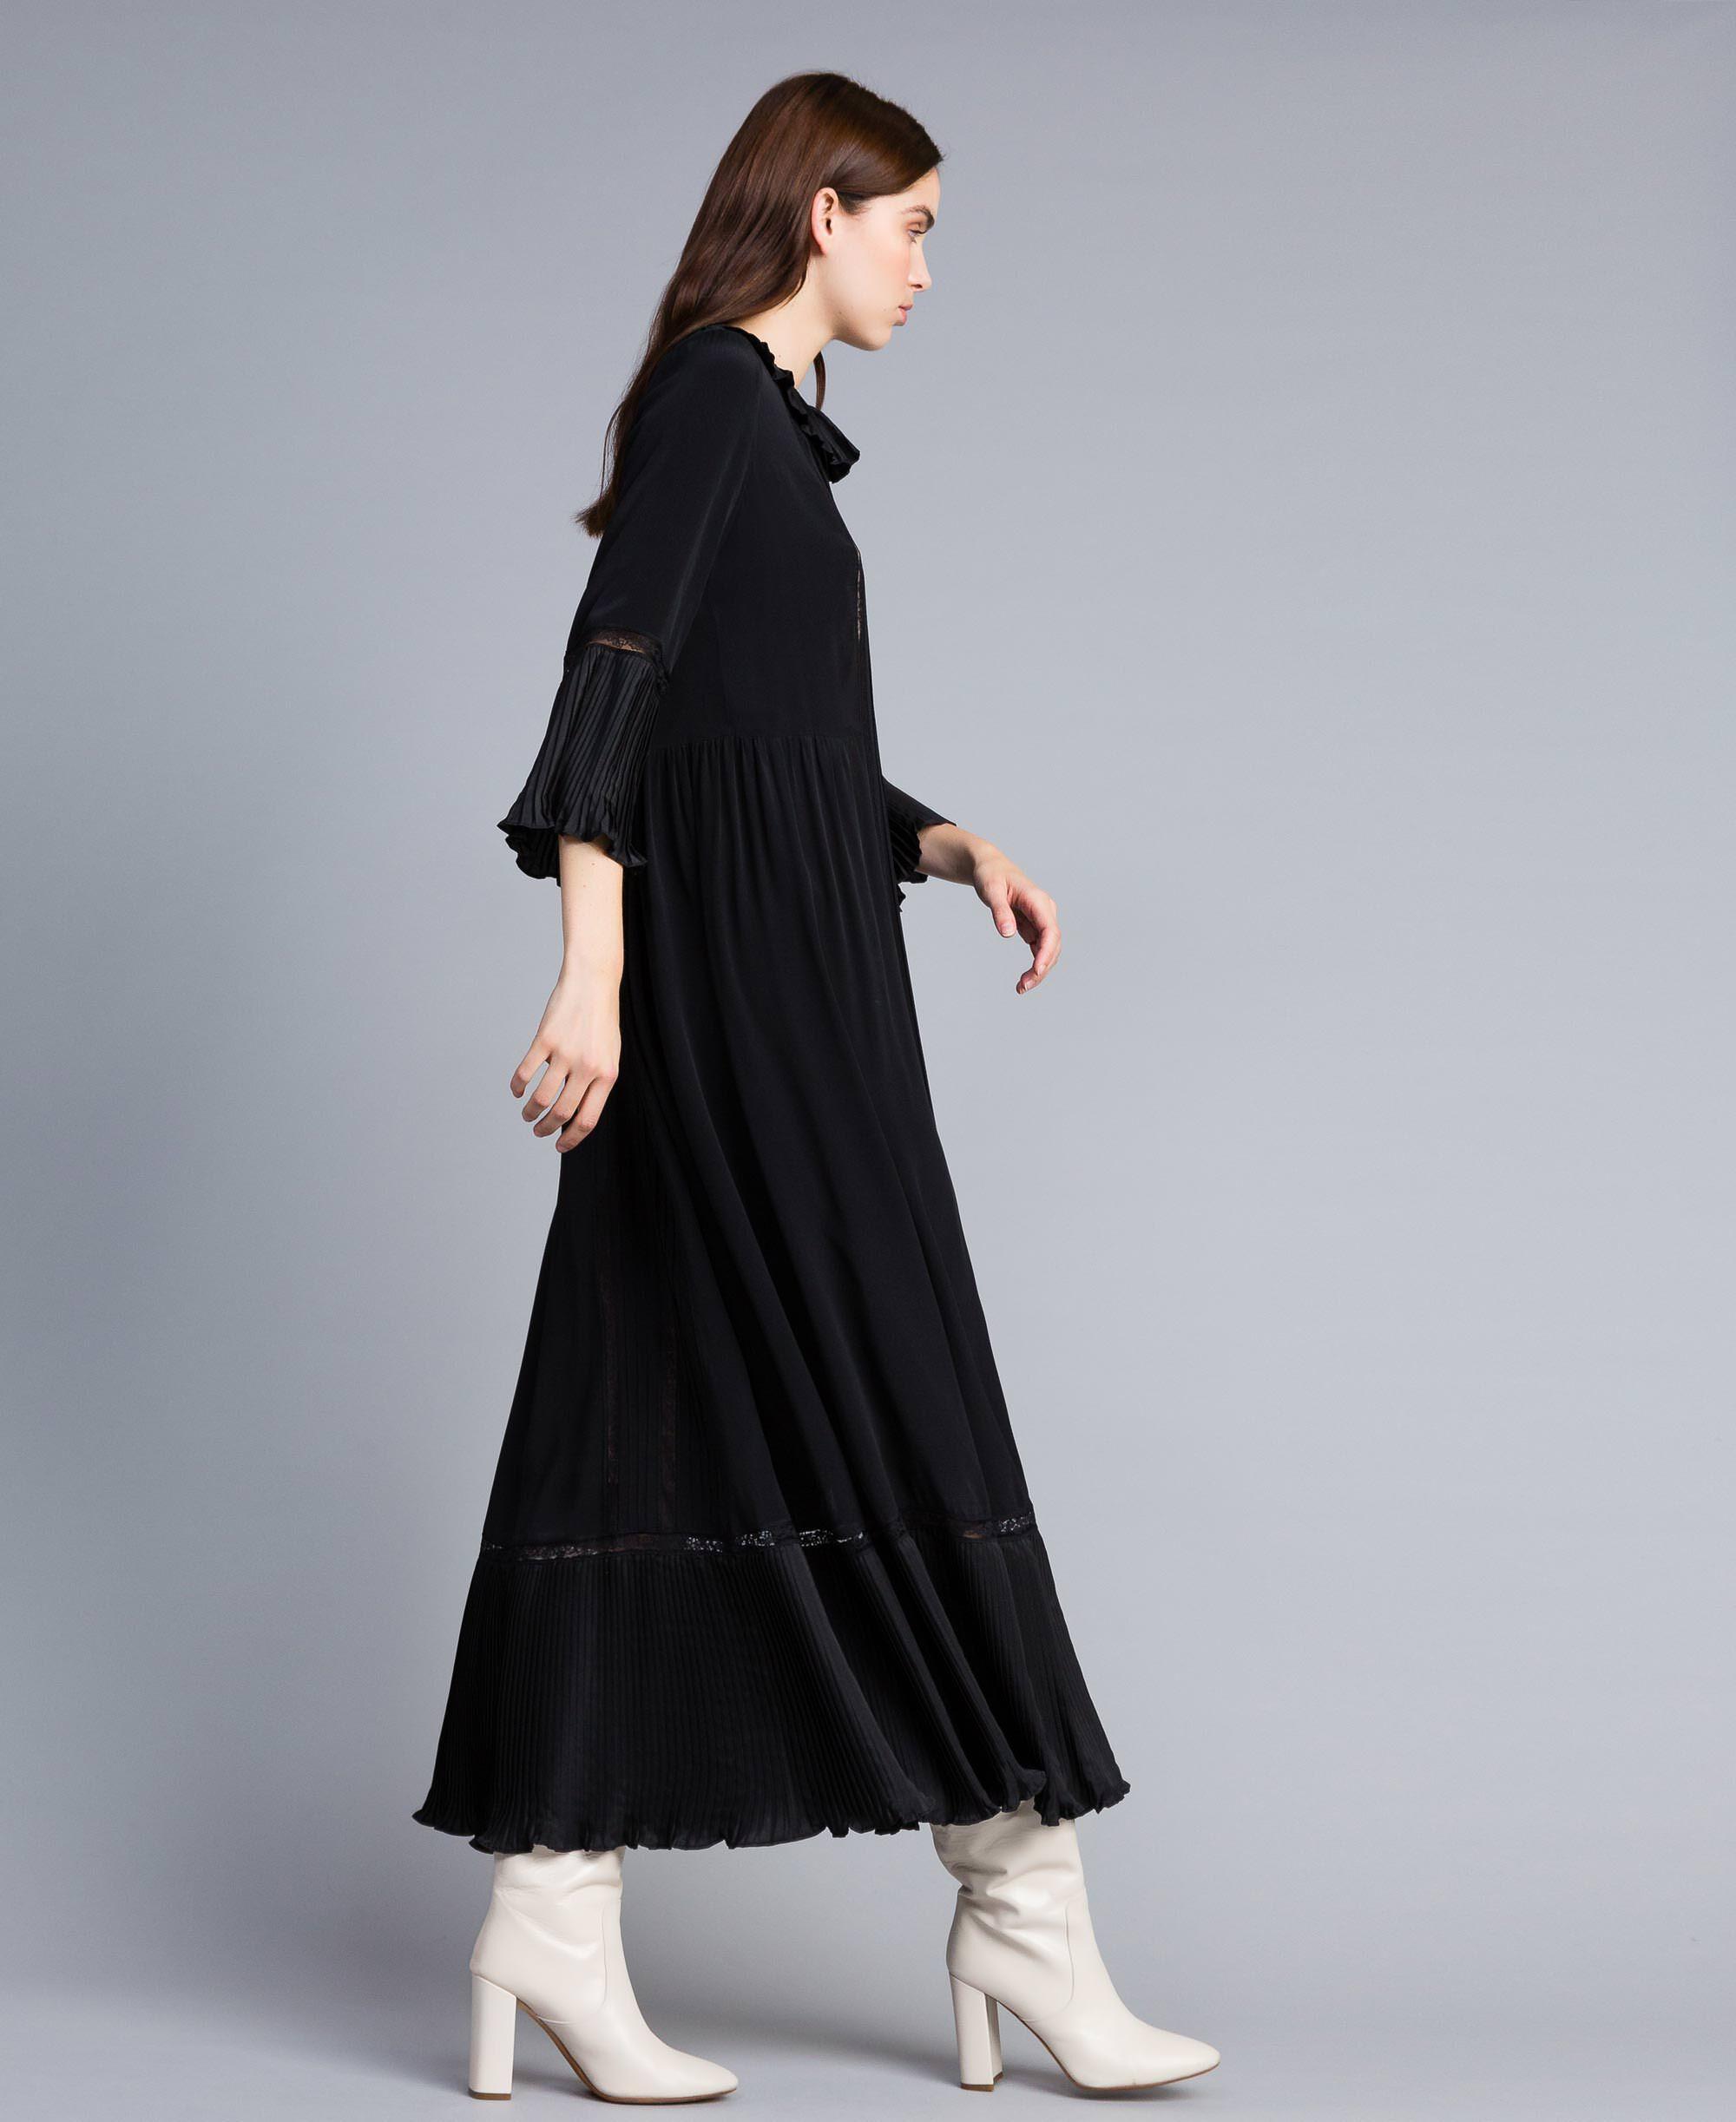 Vestido negro plisado largo